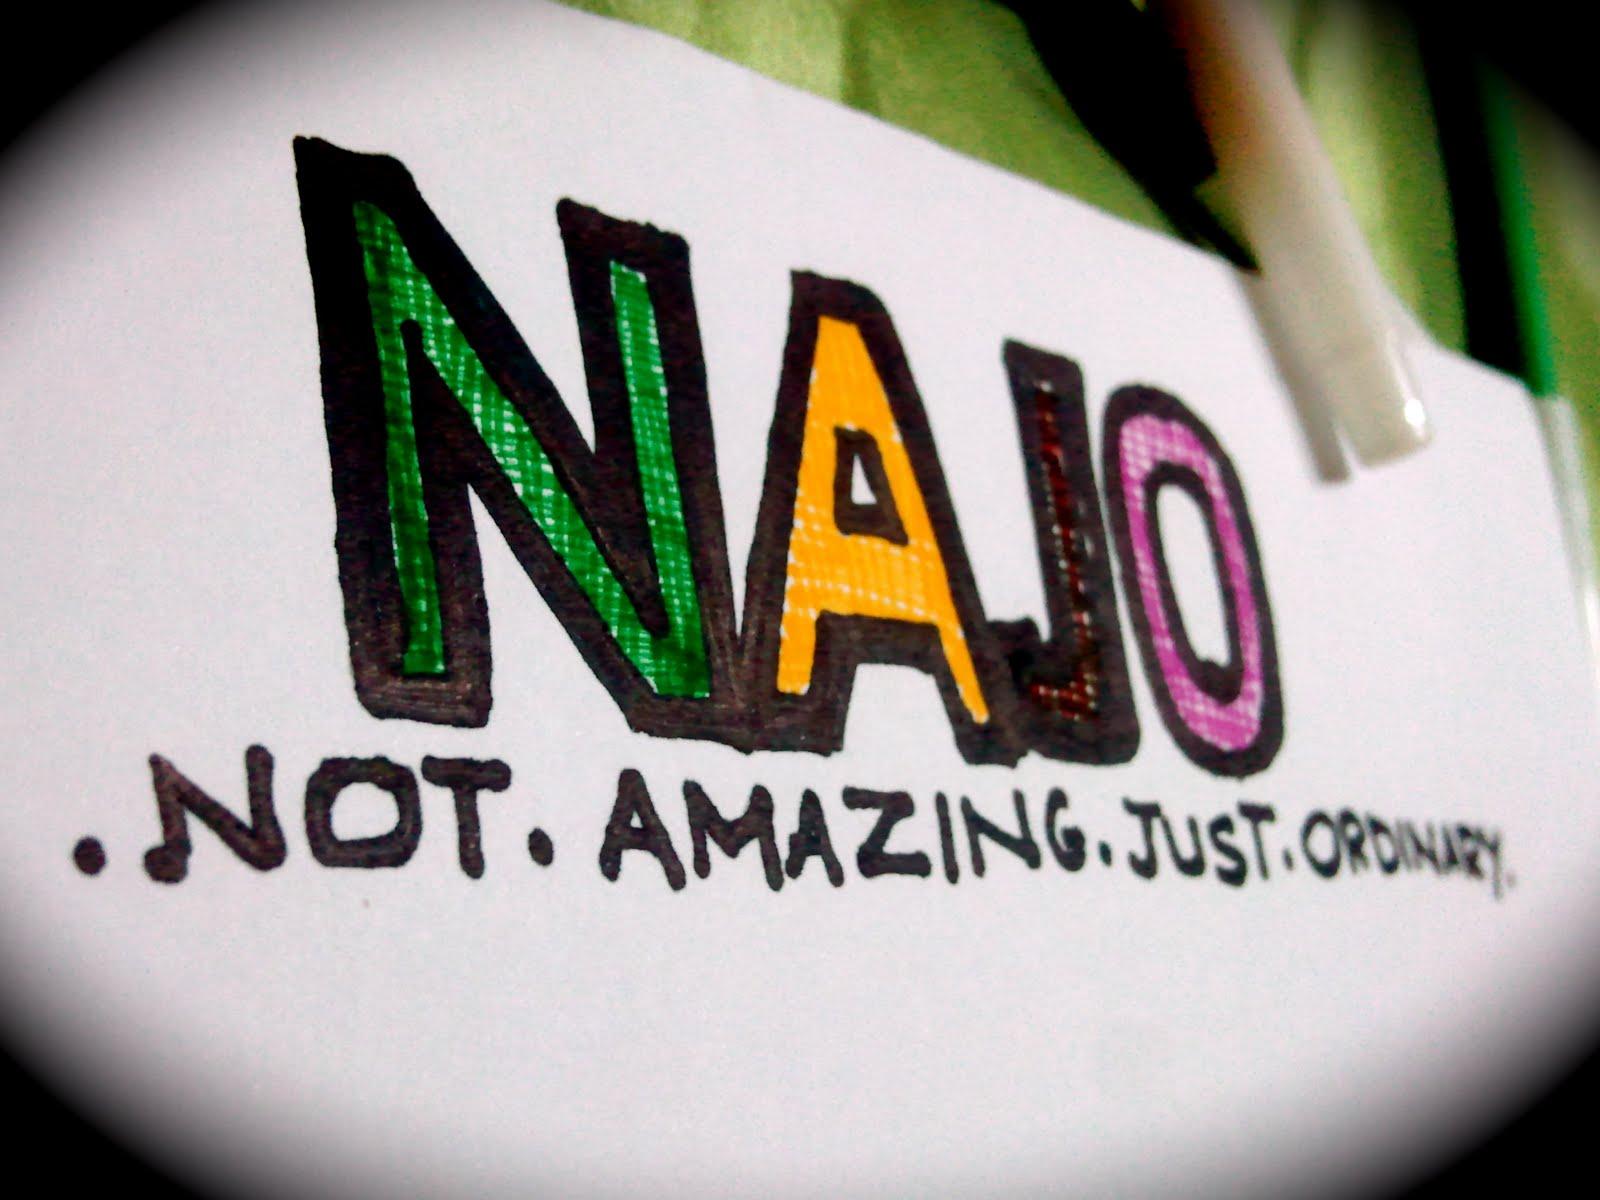 N.A.J.O